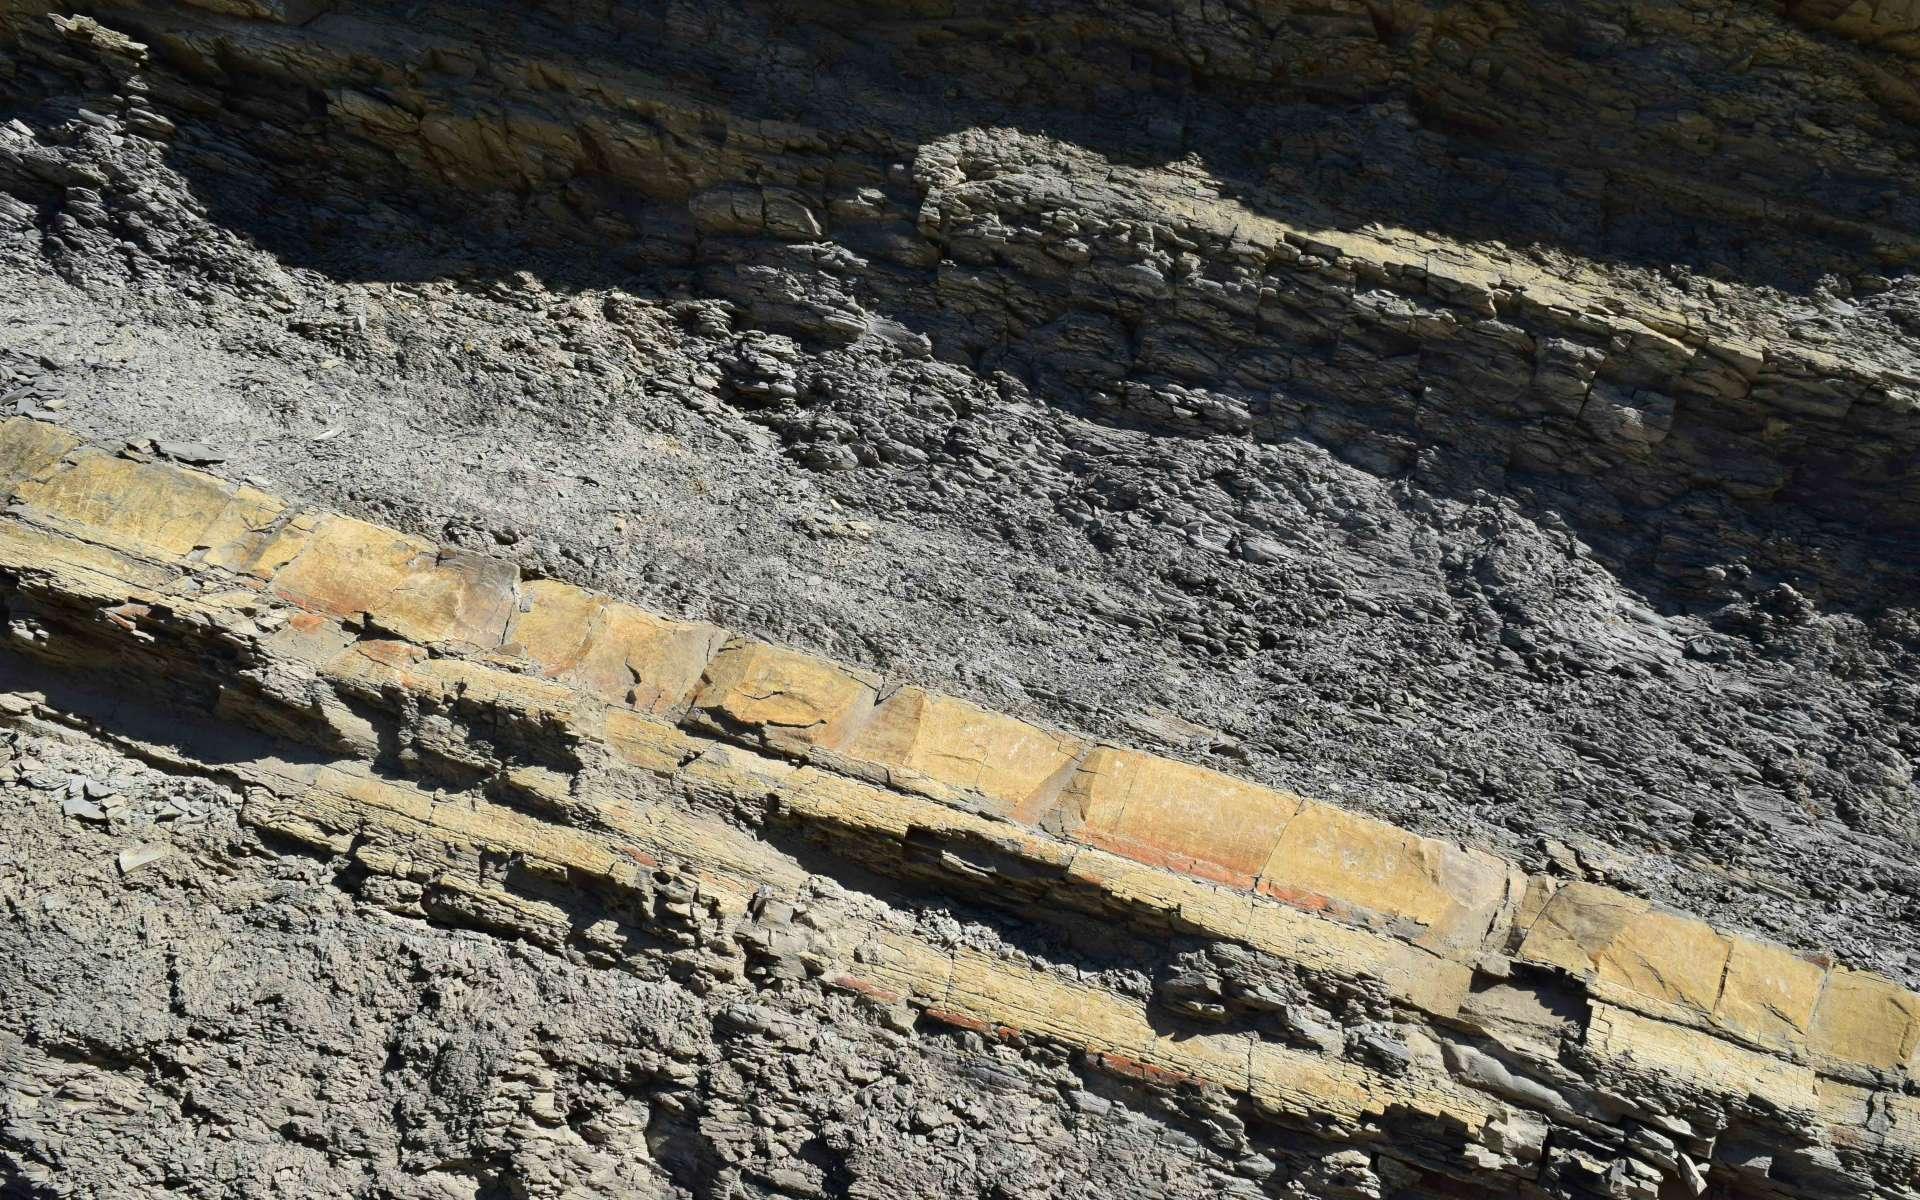 Marne avec alternance de calcaire marneux - balade de St Génis (Crédits : Sabine Meneut)